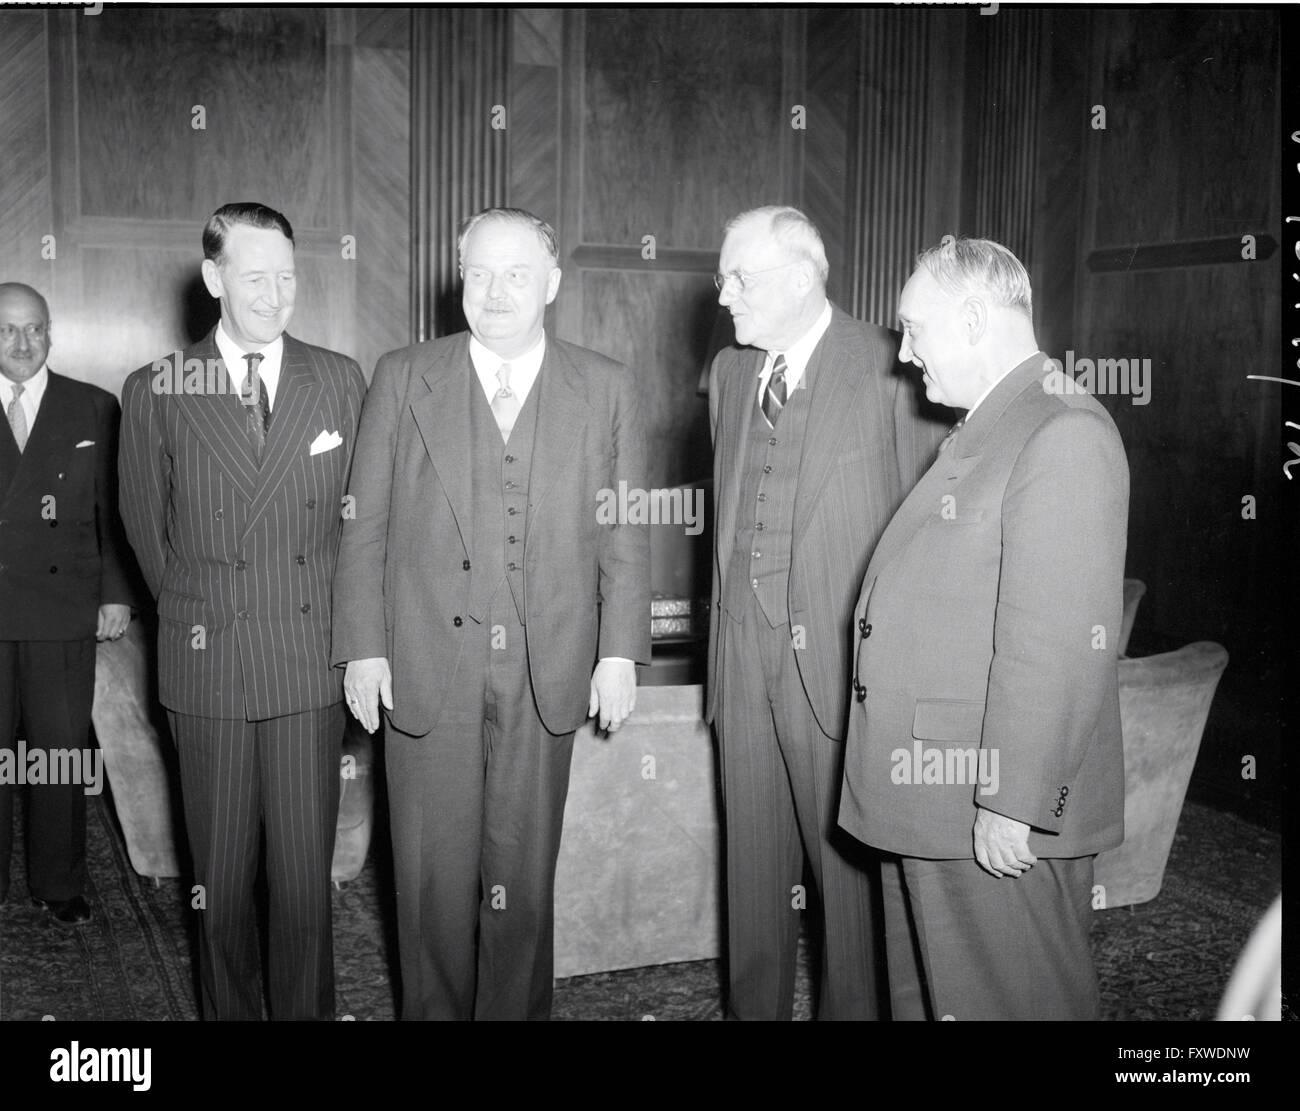 Ankunft der Außenminister der Signatarstaaten ... - Stock Image